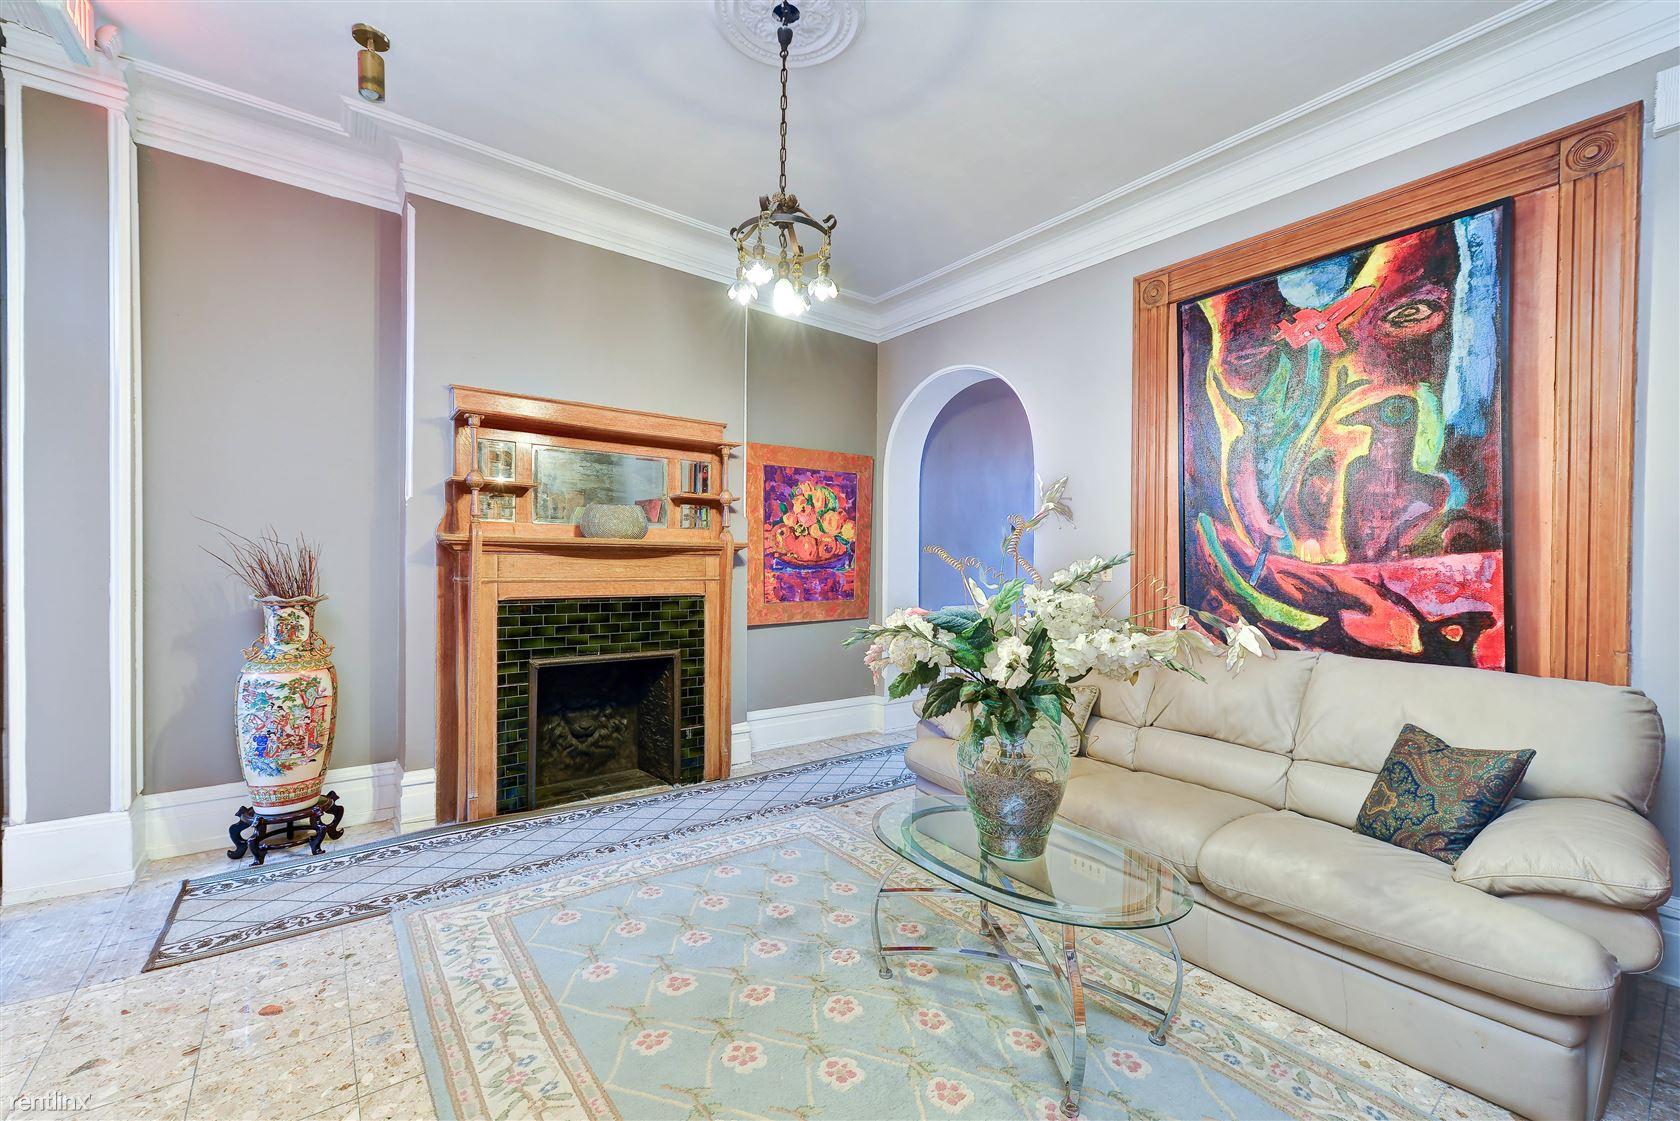 1824 14 st NW  2 Bed $2795/$3145 (14/U st), Washington, DC - $2,799